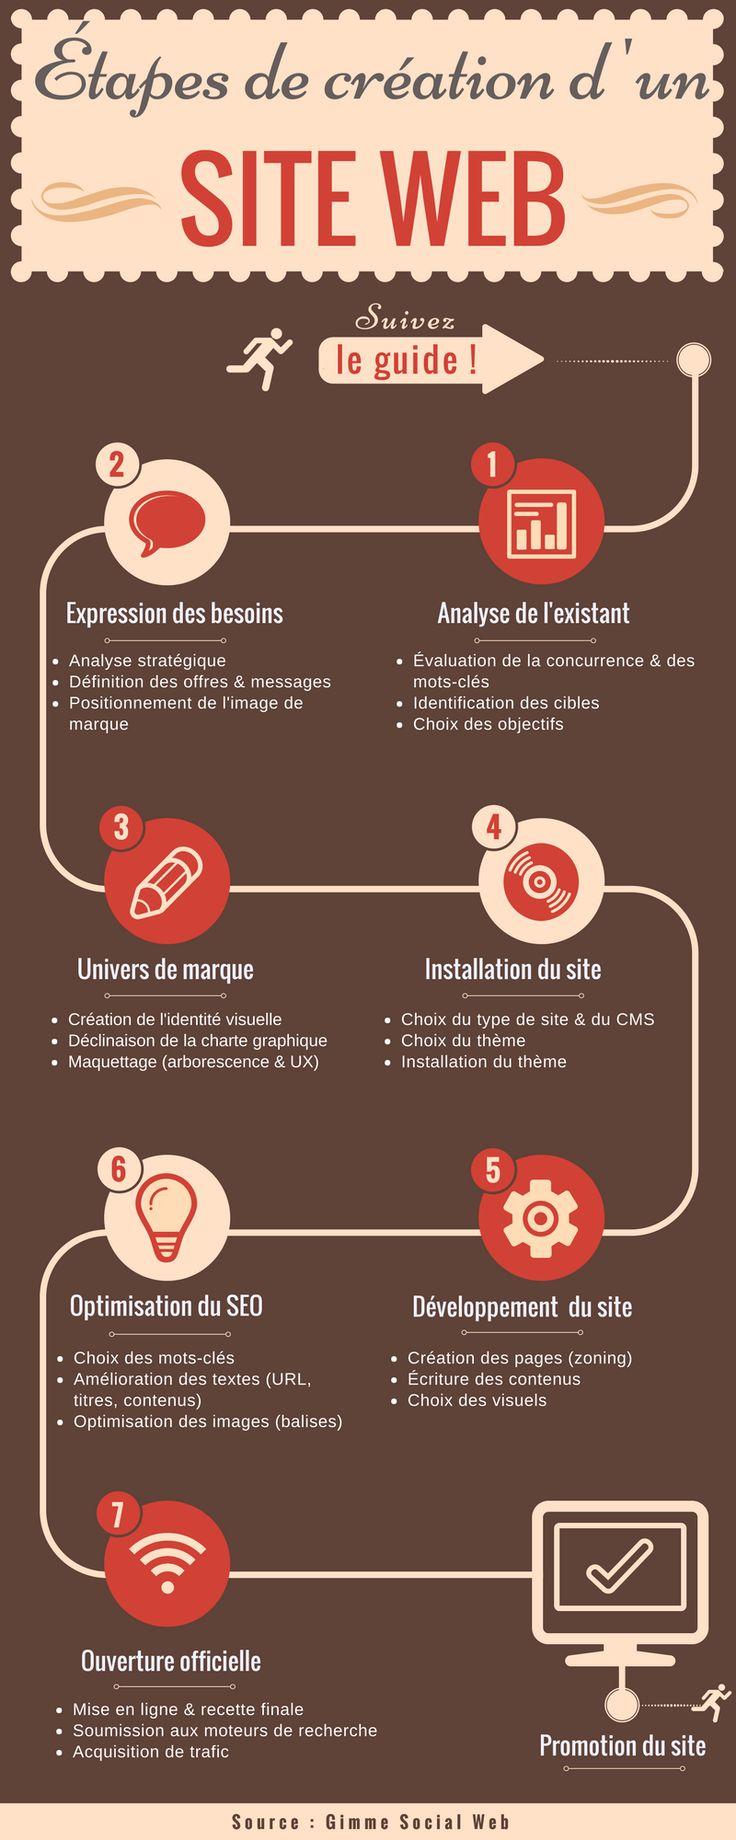 Les 7 étapes de création d'un site internet - Agence Gimme Social Web